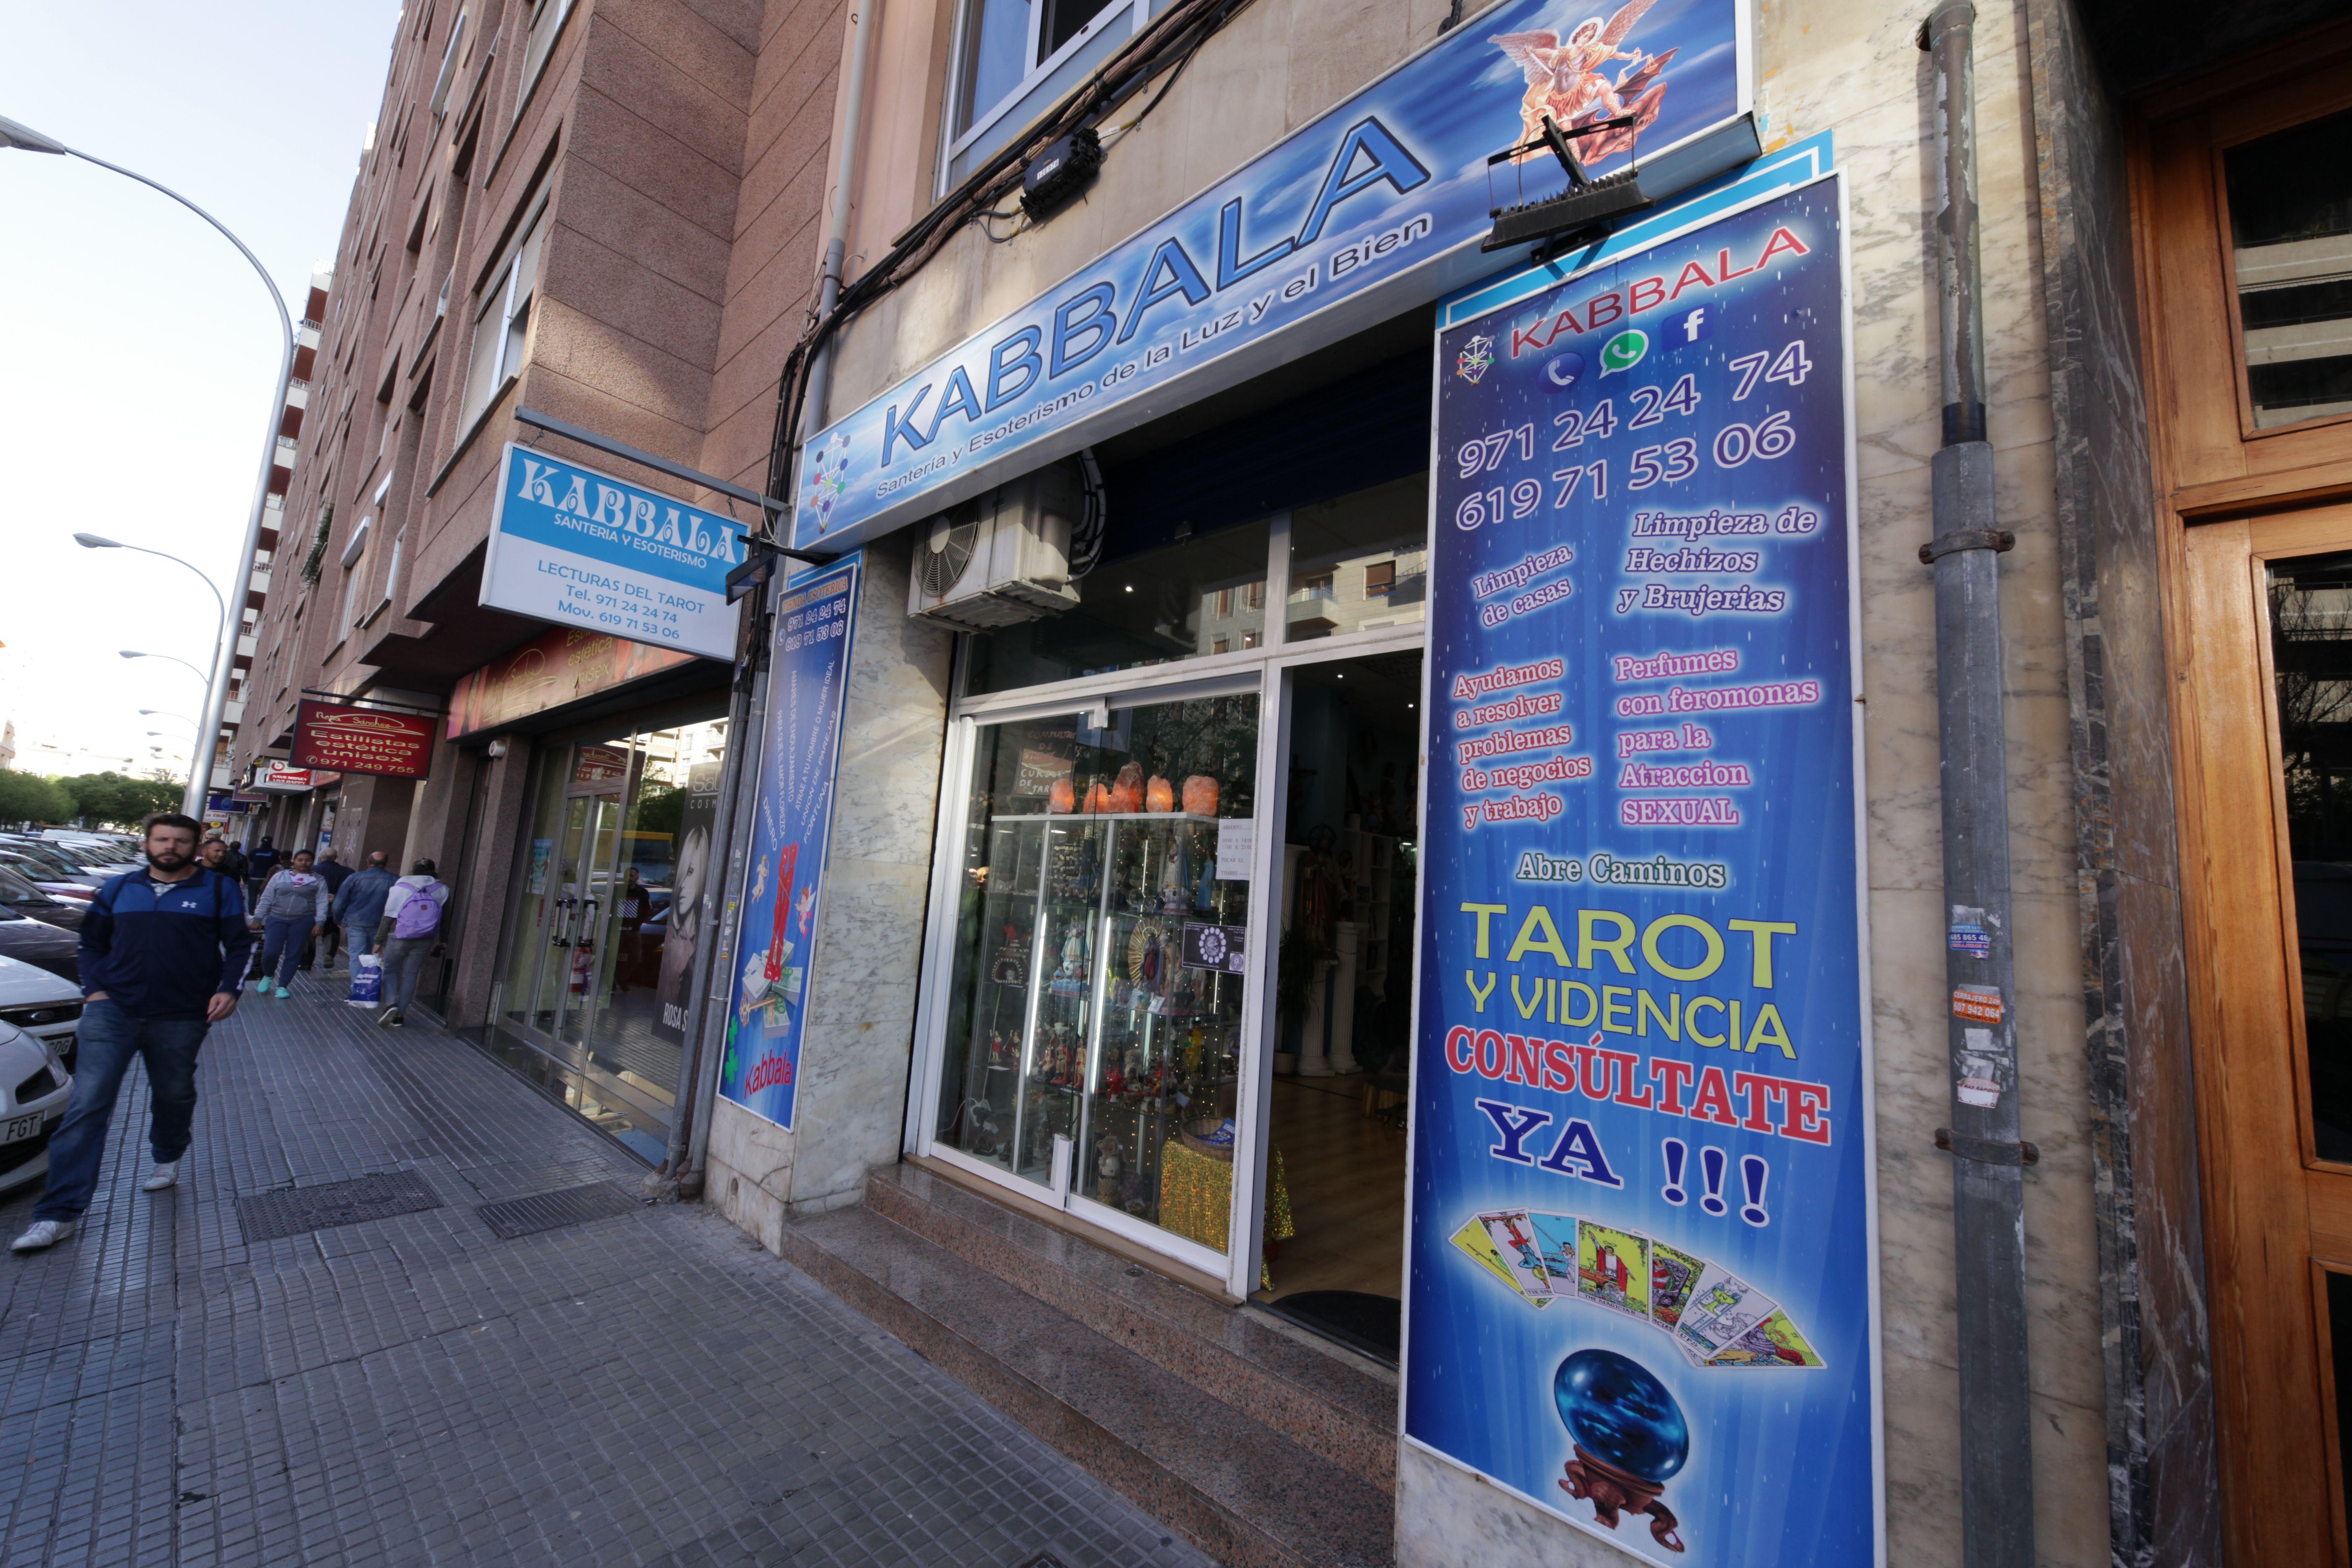 Foto 2 de Tiendas esotéricas en  | JUAN JOSÉ HURTADO FERNÁNDEZ